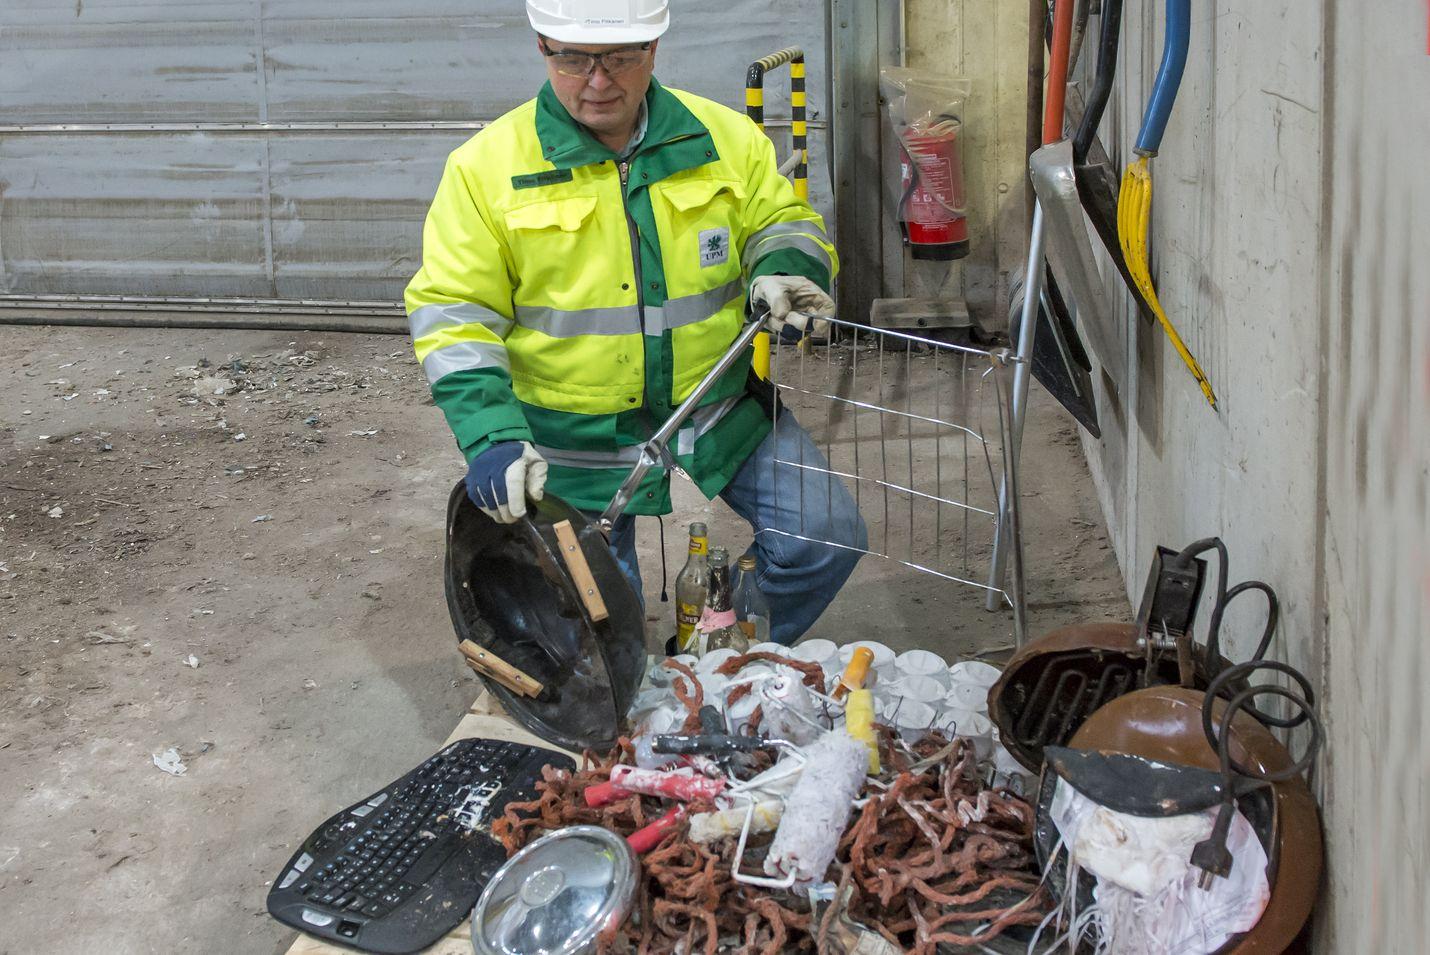 Rauman Biovoiman toimitusjohtaja Timo Pitkänen esitteli jätehallissa energiajätteen joukosta poimittuja tavaroita. Kasasta löytyi muun muassa pallogrilli ja tietokoneen näppäimistö.